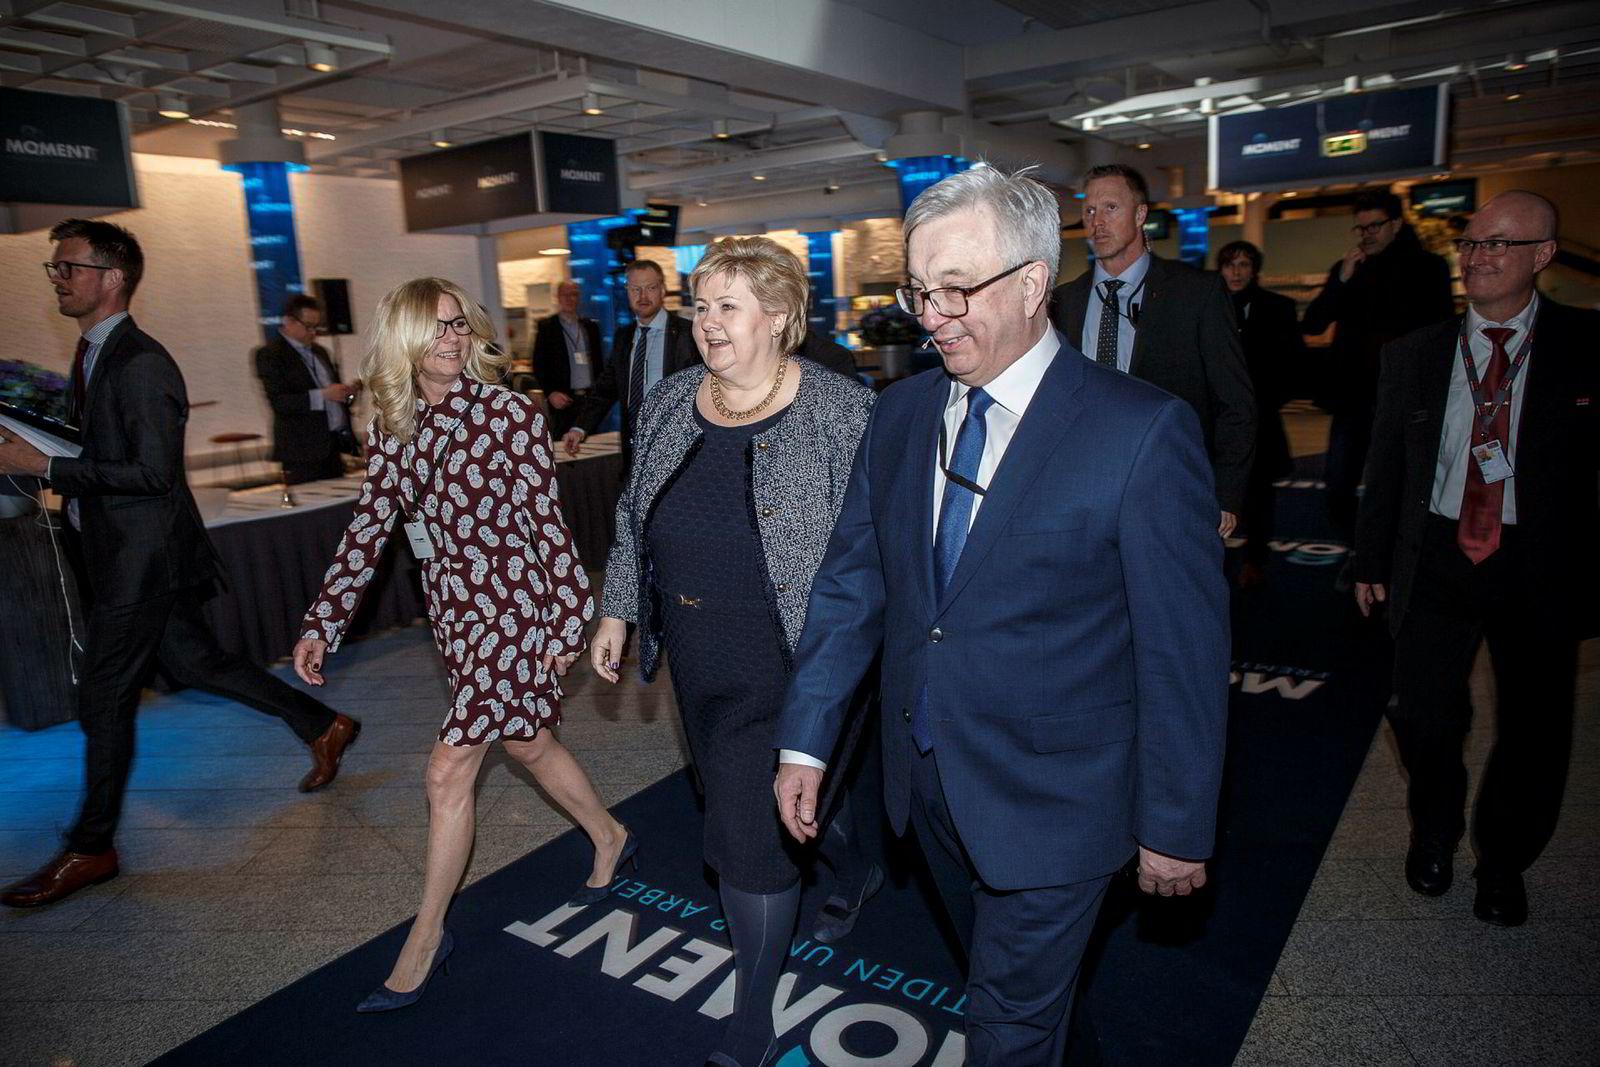 Leder Karl Eirik Schjøtt Pedersen (til høyre) i bransjeforeningen Norsk olje og gass hadde torsdag statsminister Erna Solberg som gjest under sin årskonferanse, der innovasjonstakten i næringen var et tema. Styreleder Kristin Færøvik til venstre.